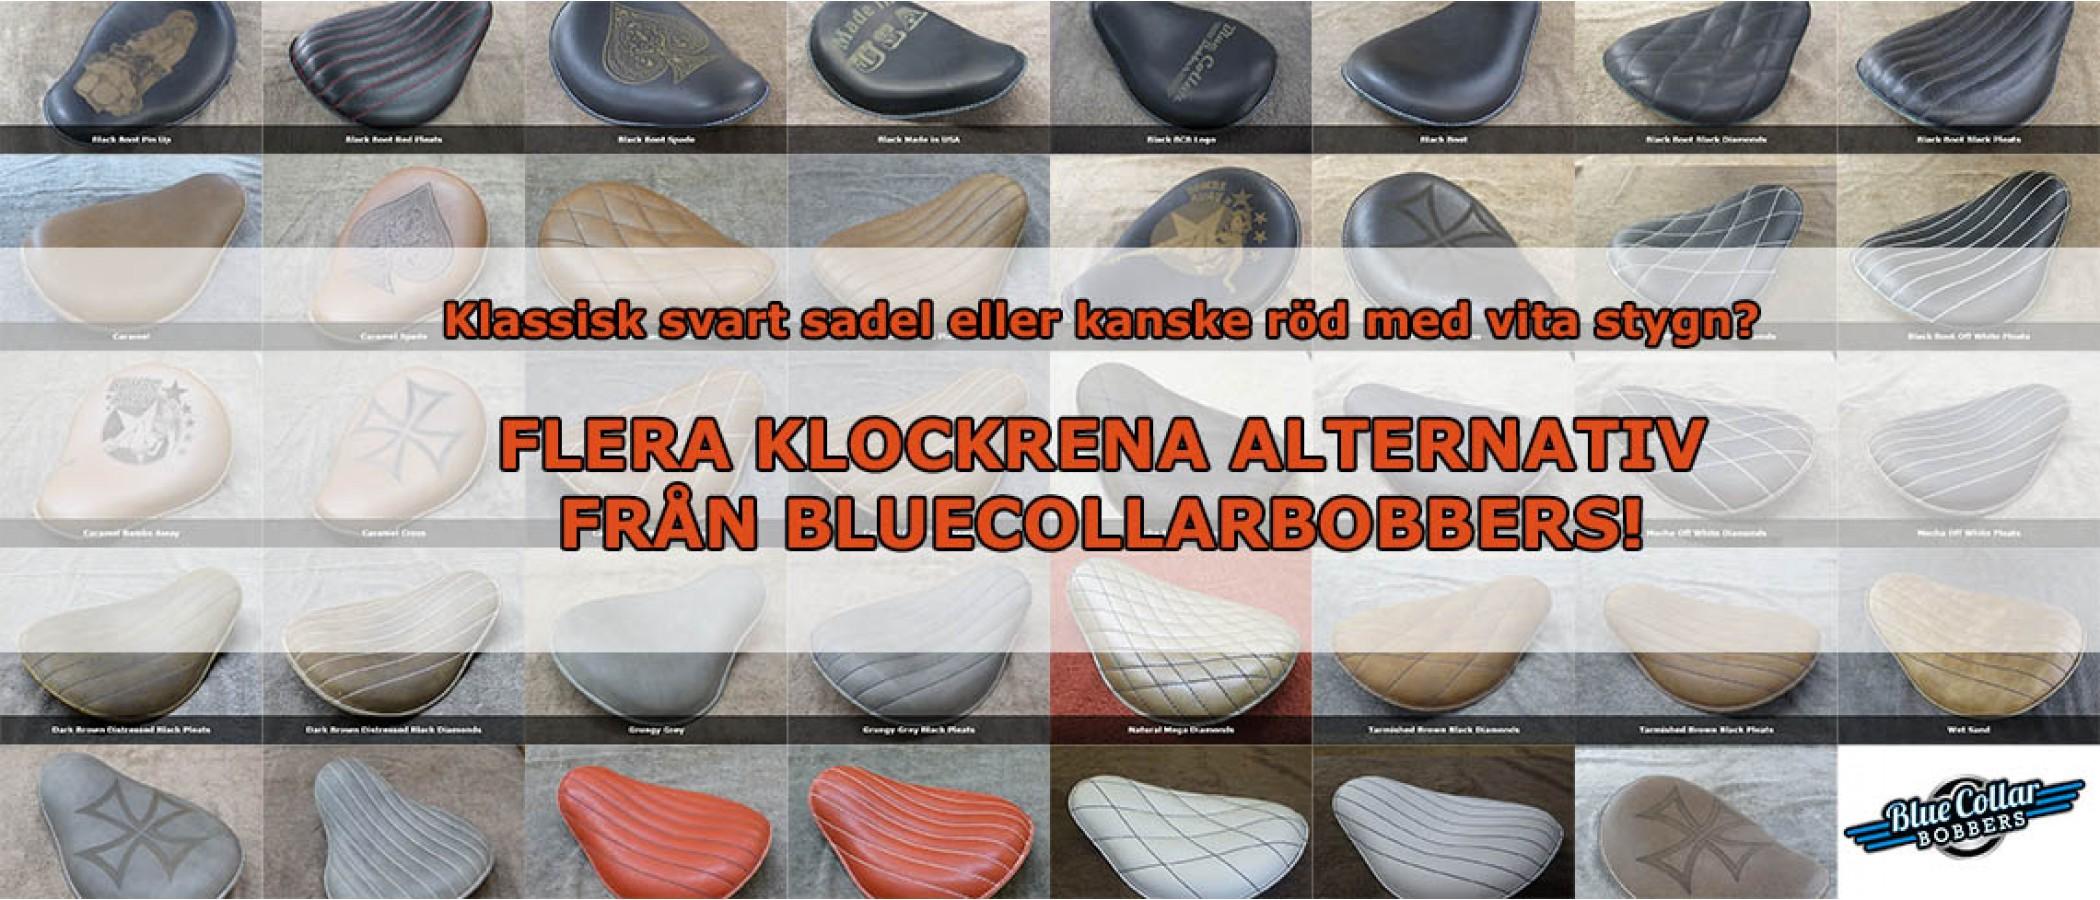 Flera klockrena alternativ på sadlar från BlueCollarBobbers!